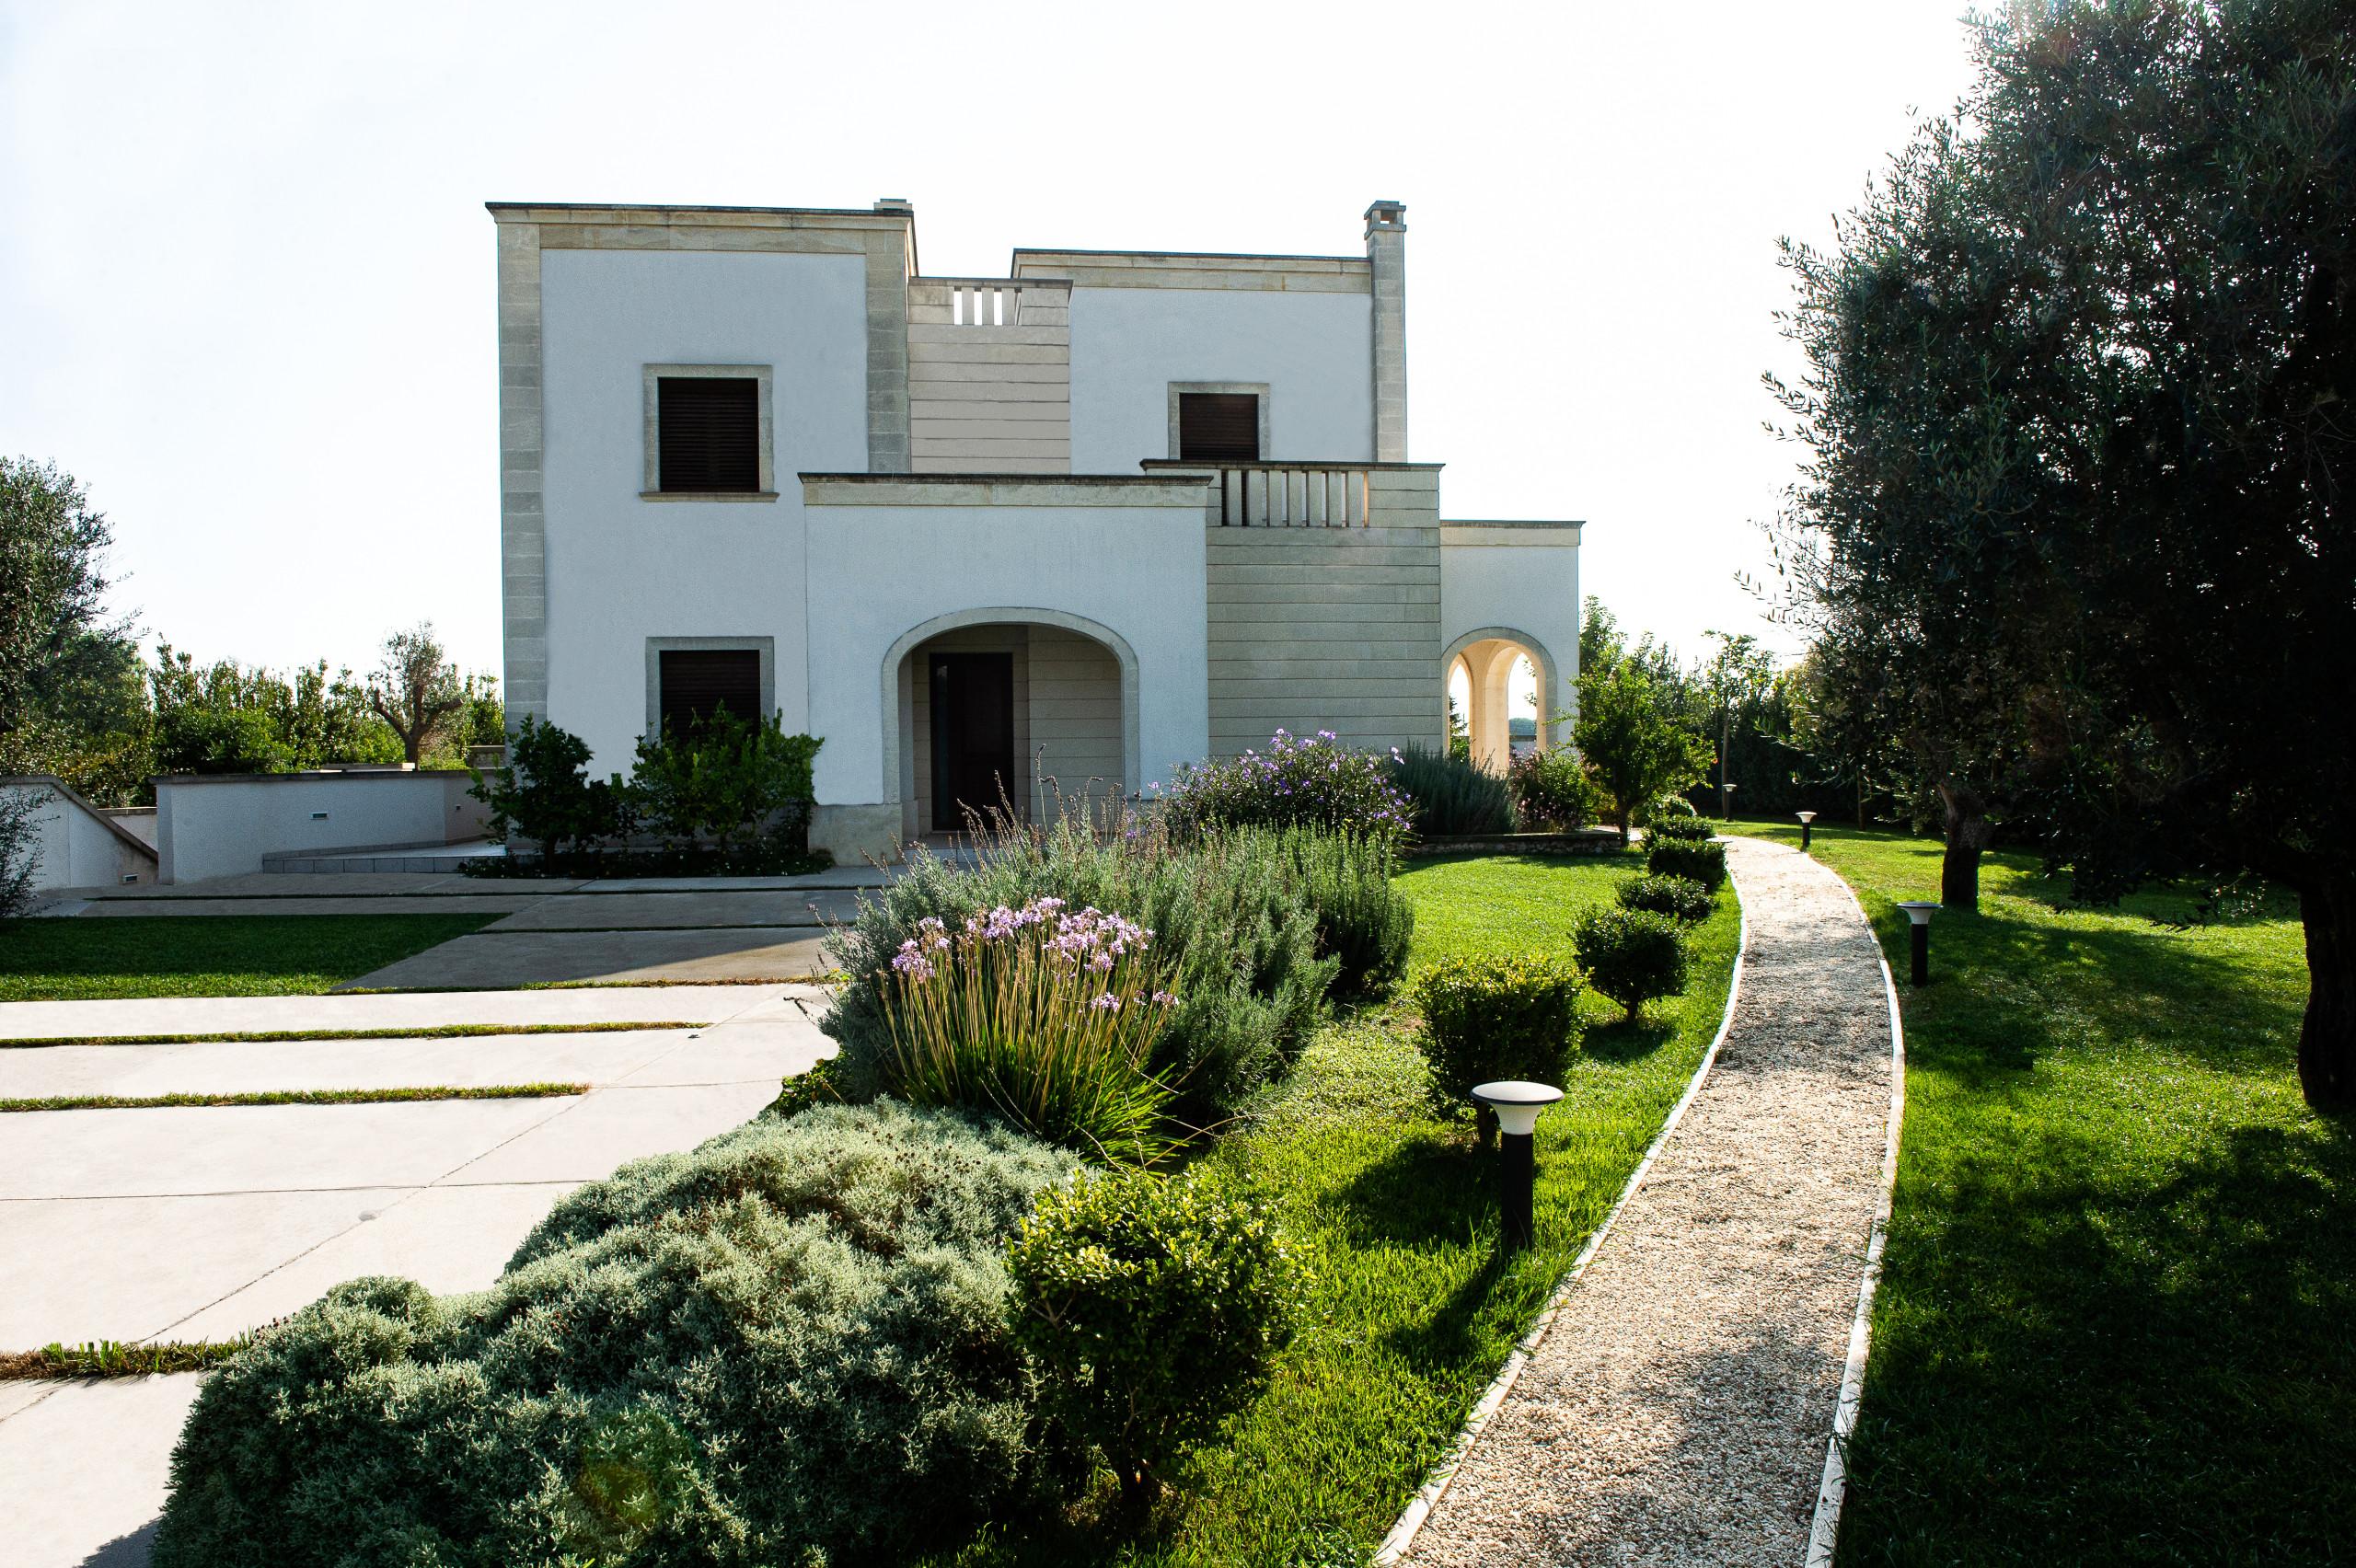 Progetto architettonico e costruttivo dell'outdoor e giardino